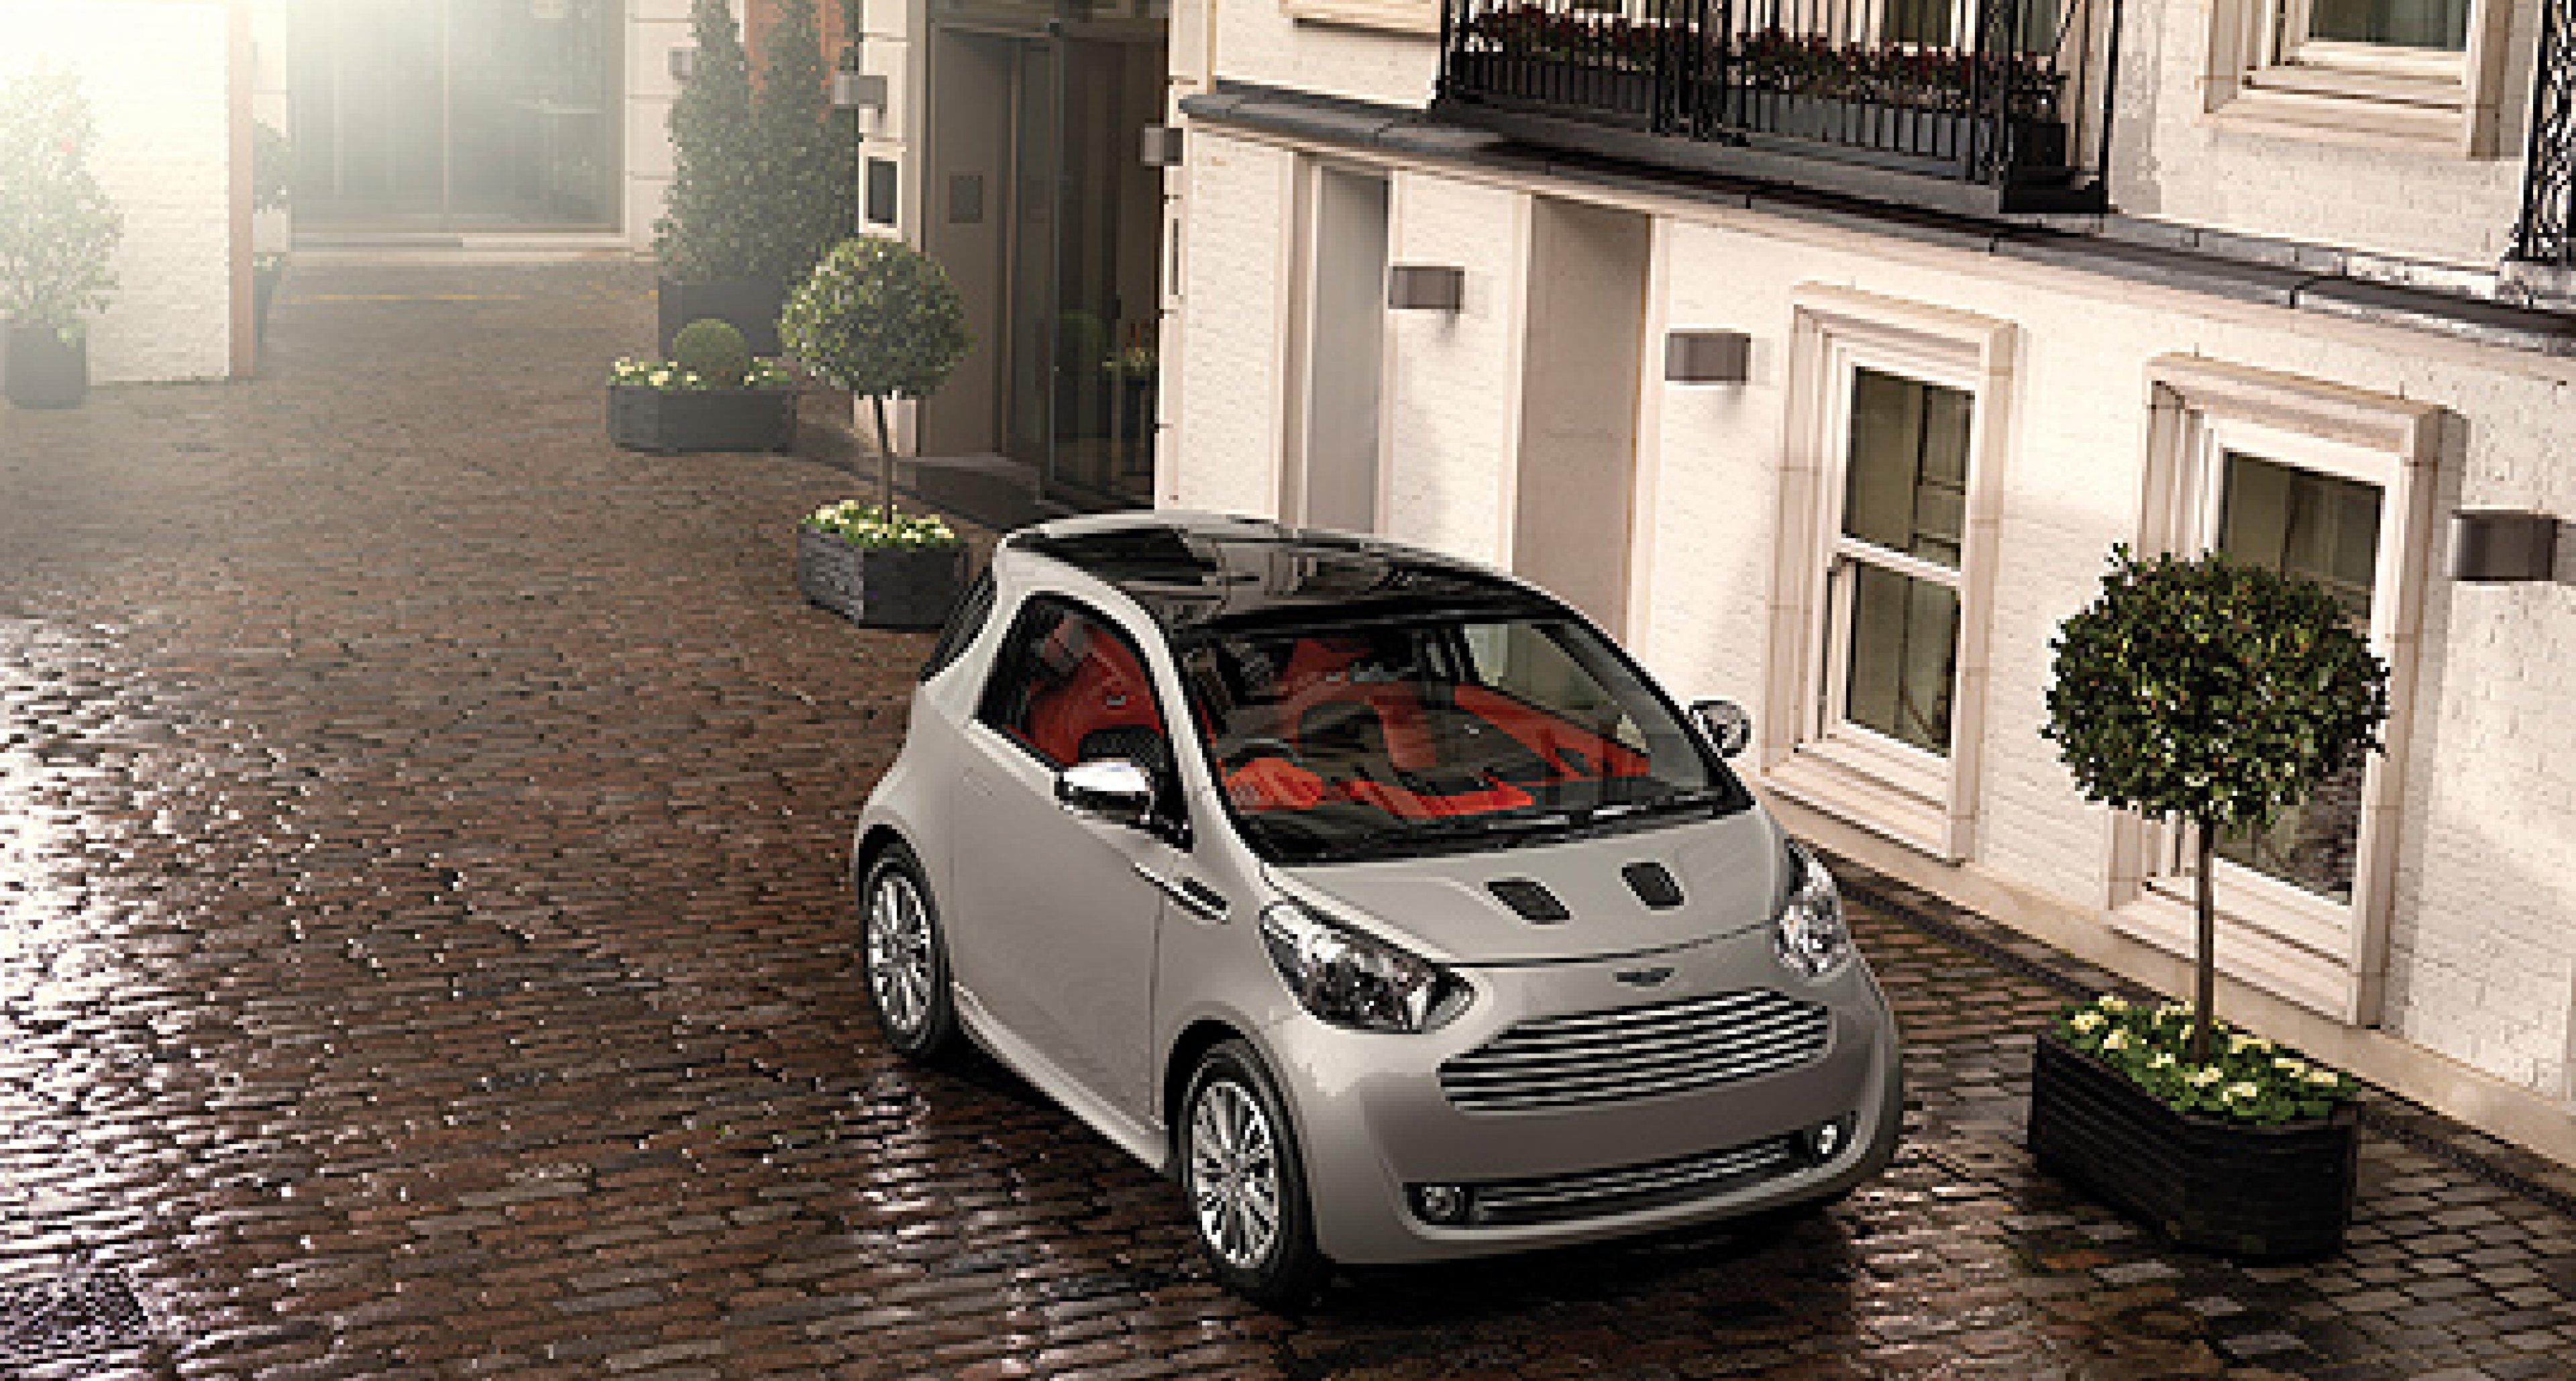 Aston Martin Cygnet Concept: Auf die Straße